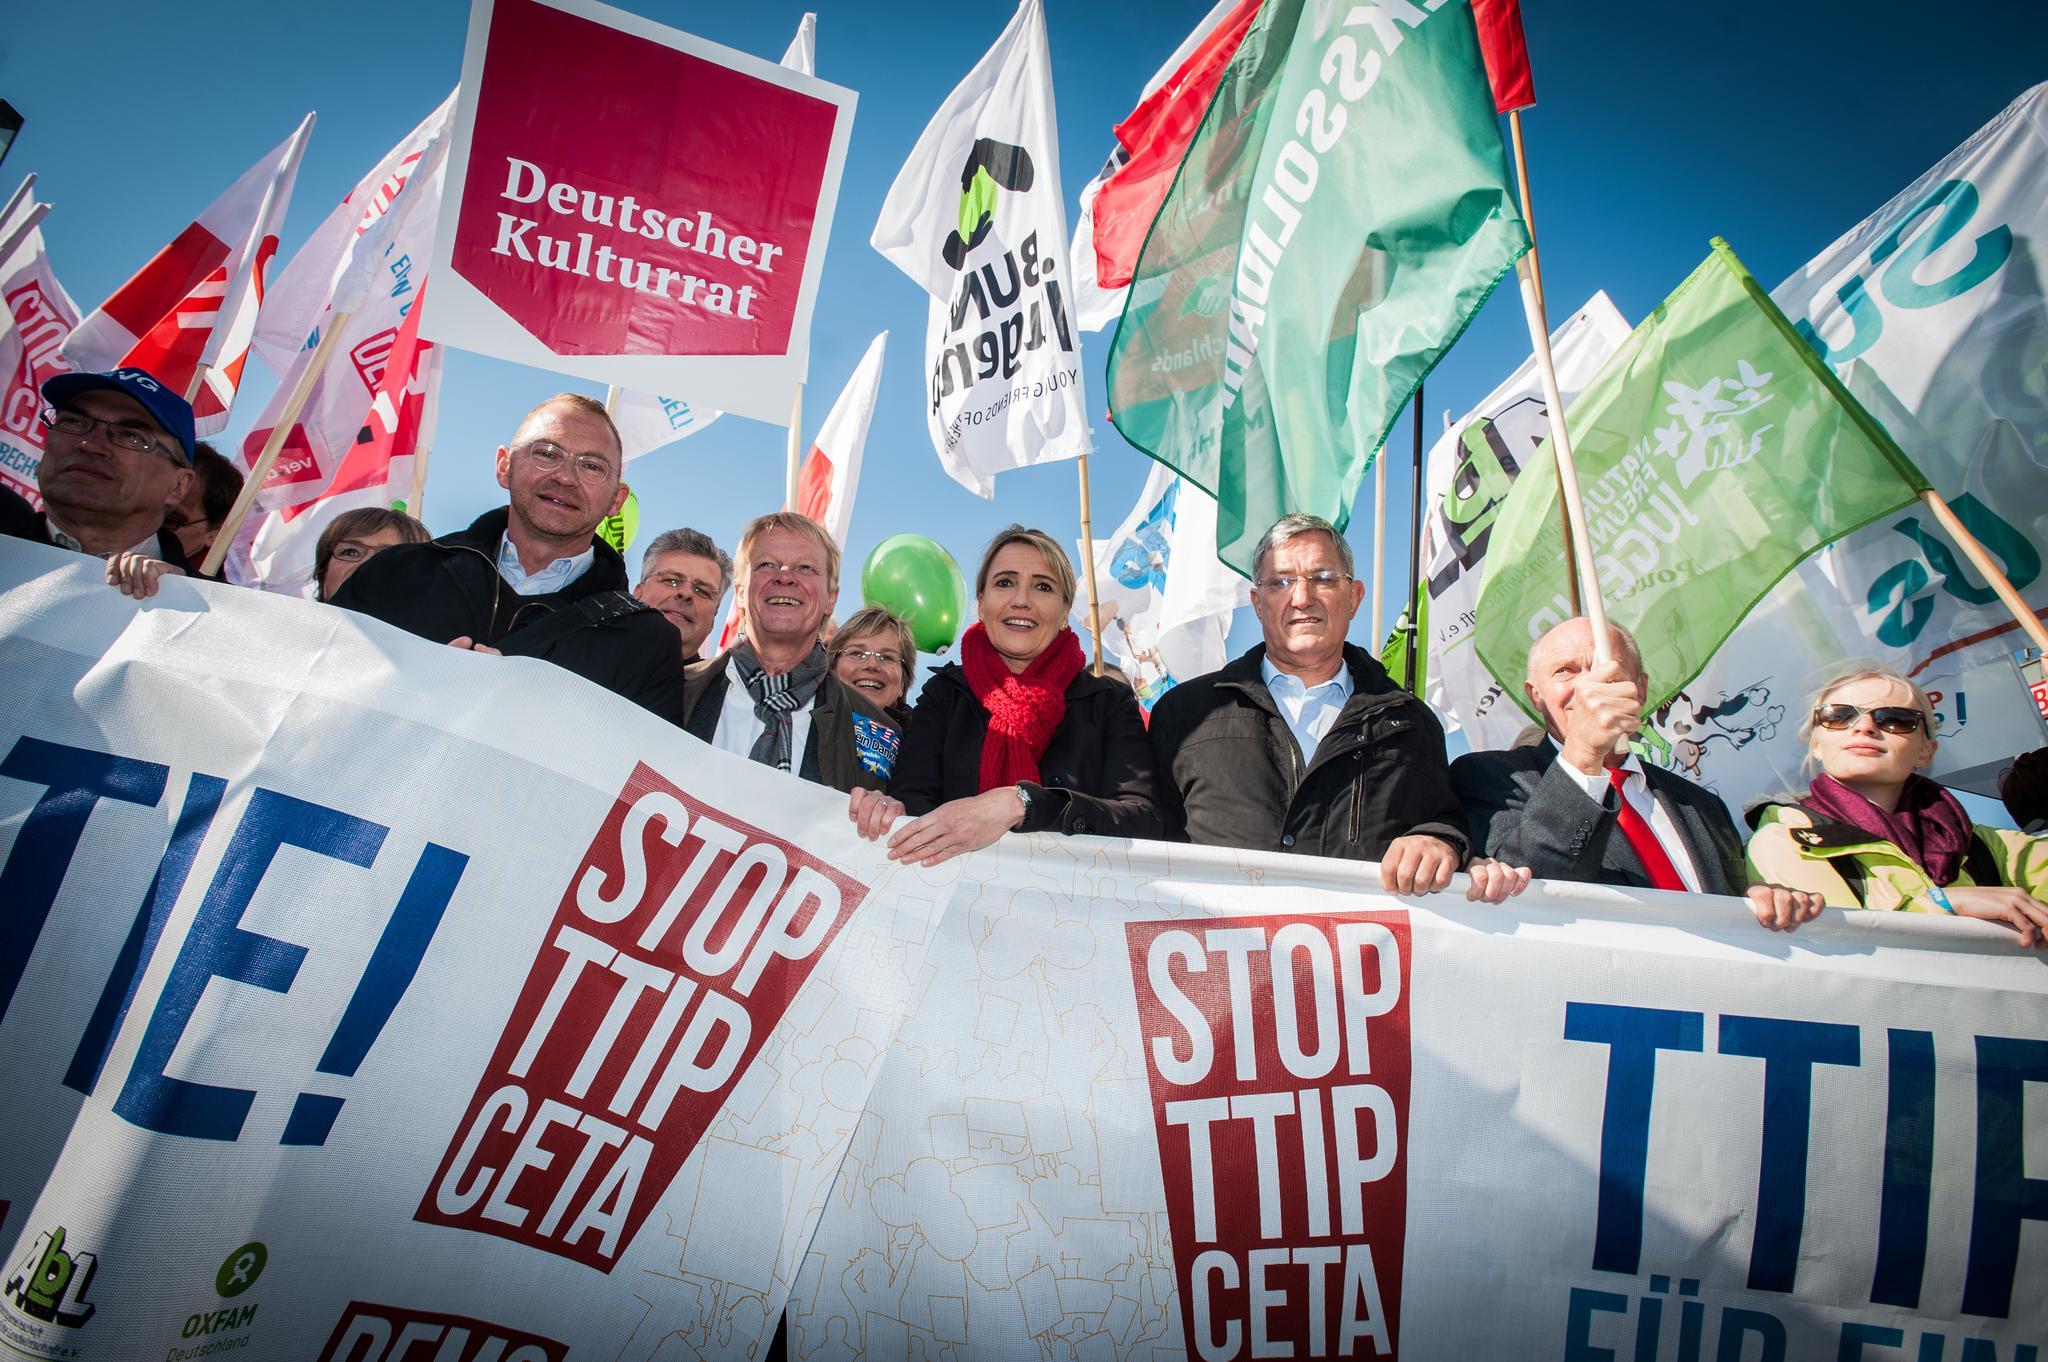 Am 10. Oktober 2015 demonstrierten in Berlin 250.000 Menschen gegen TTIP und Ceta. Auch der DGB unterstütze den Aufruf.